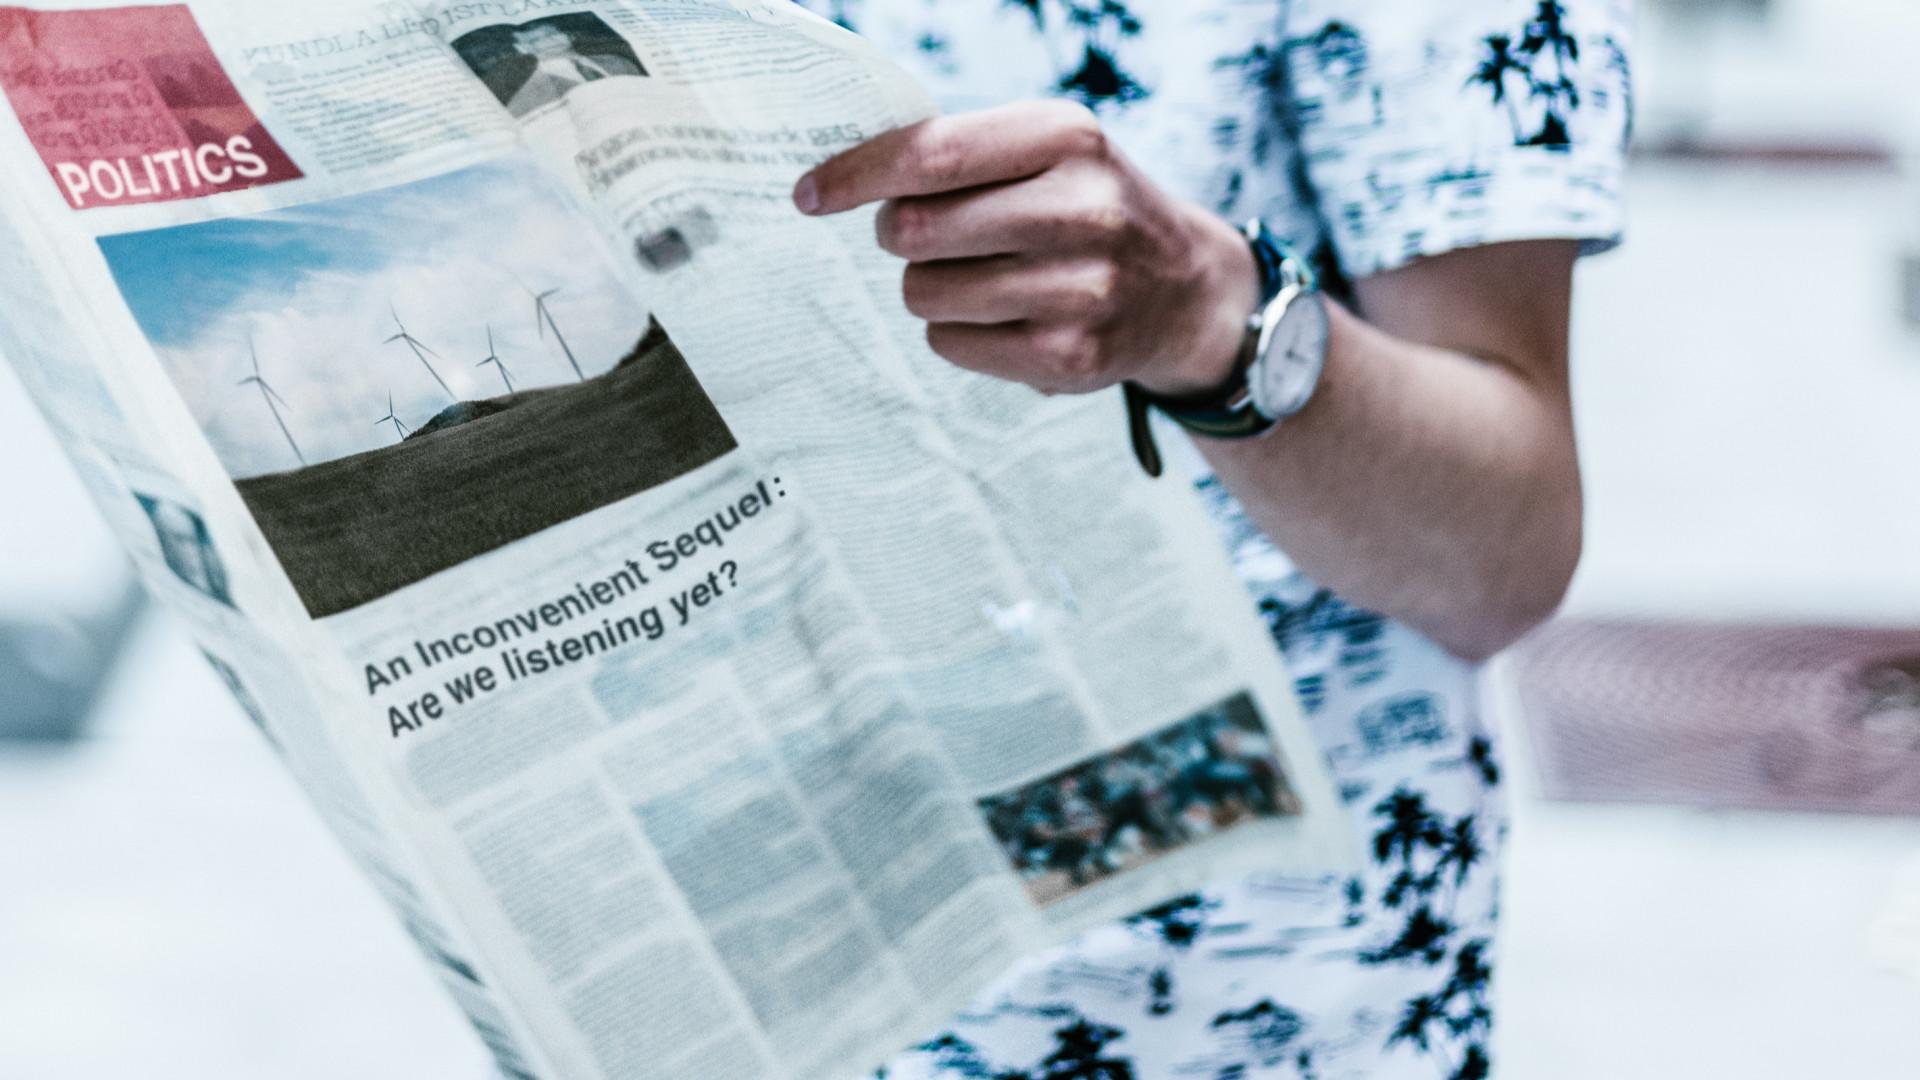 hkp/// group - Aufsichtsratsvergütung im DAX: Nur in der Spitze fair